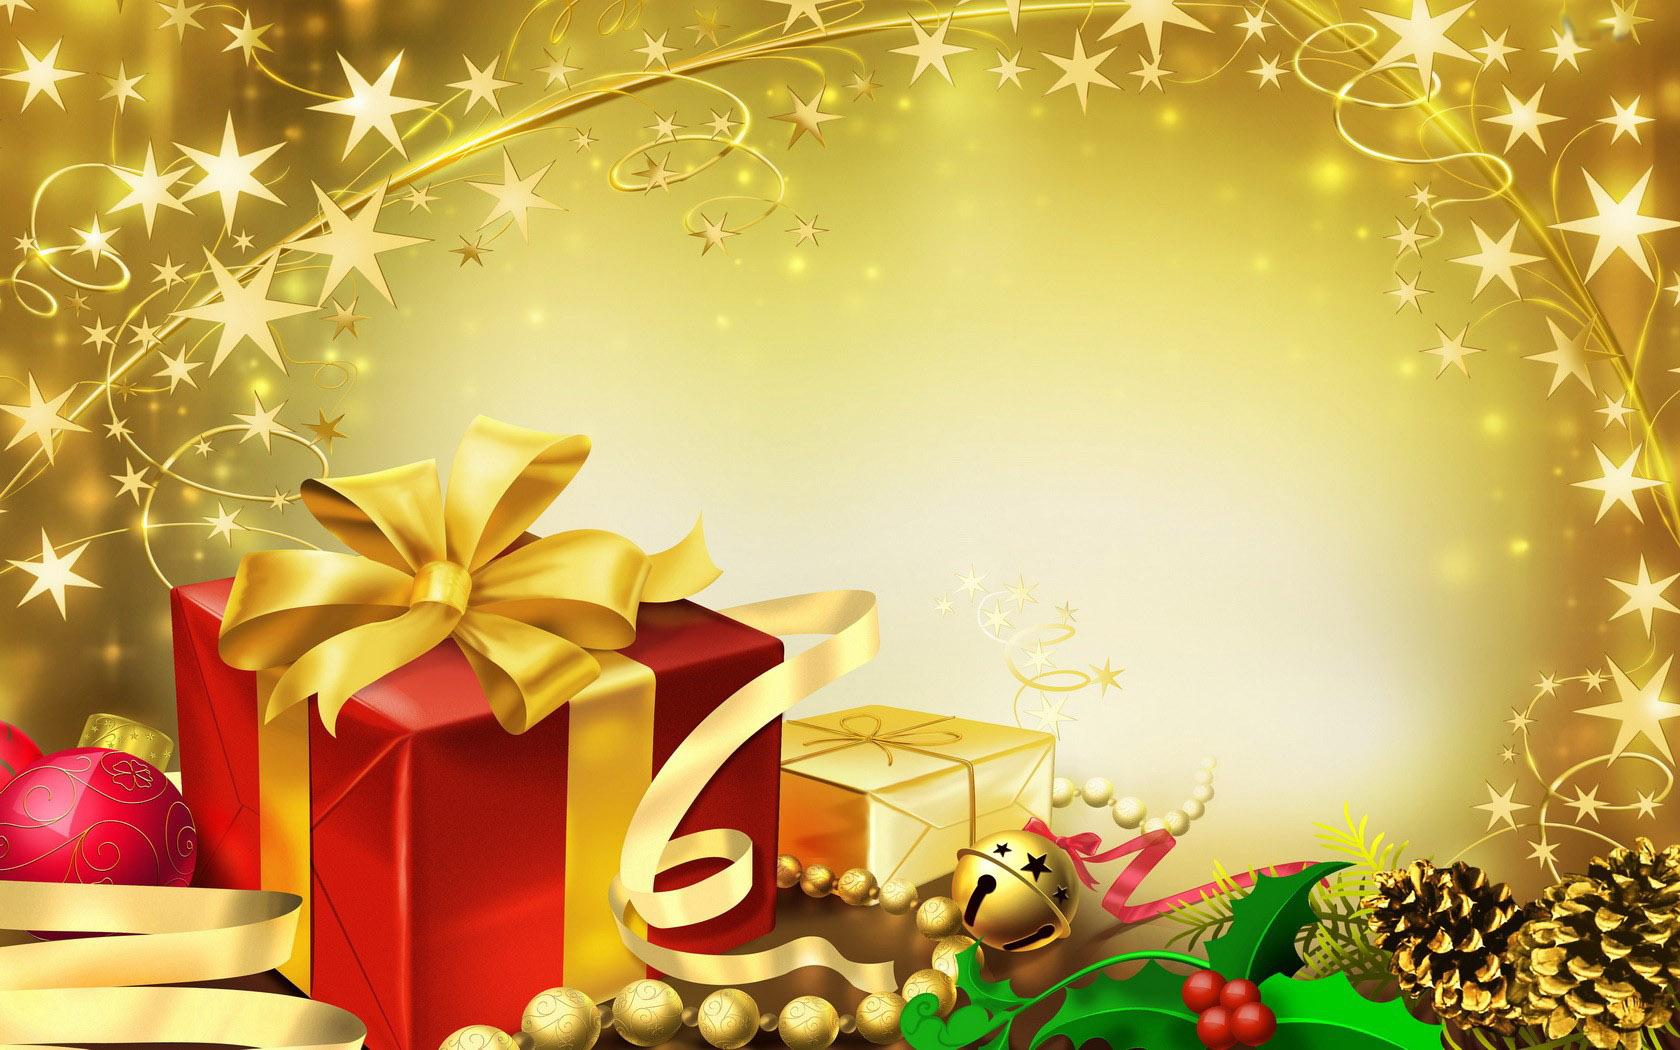 Weihnachtsgeschenke Bilder Kostenlos.Weihnachtsgeschenke Animierte Bilder Gifs Animationen